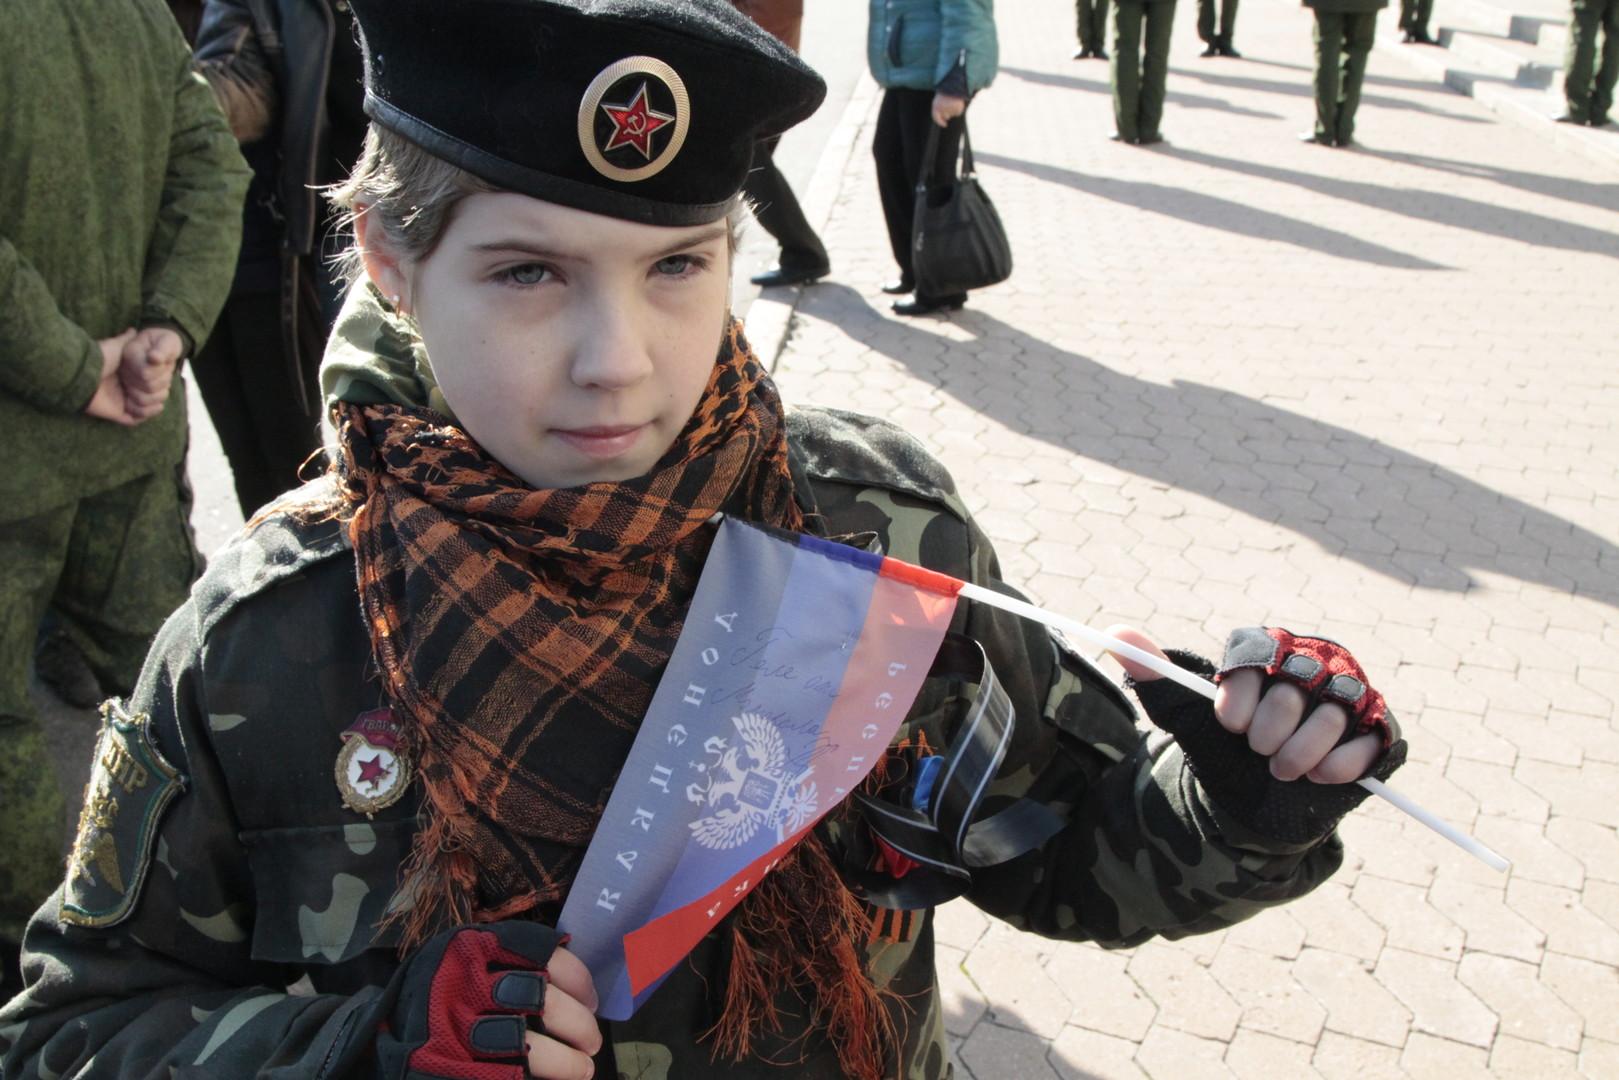 Donezk: Tausende Menschen bei Trauerfeier für Kommandant 'Motorola'